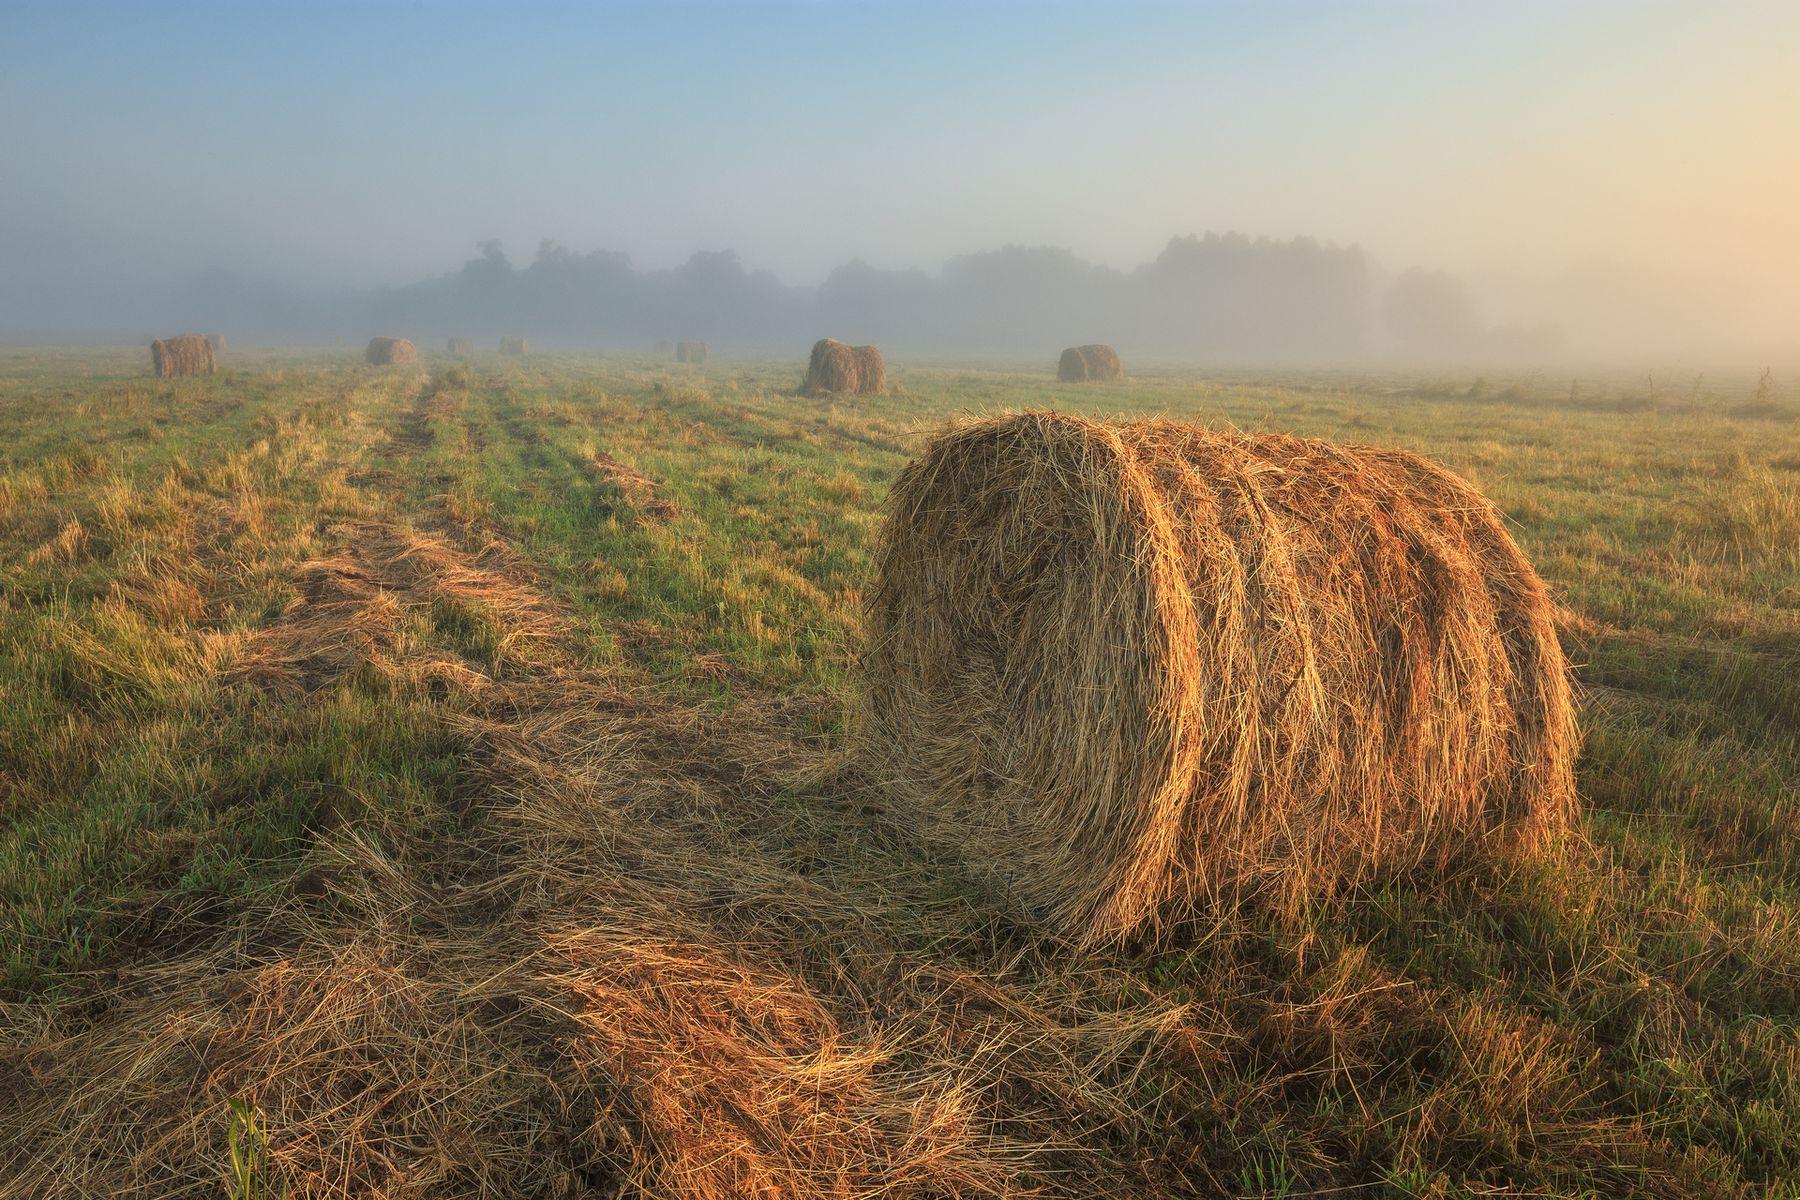 Запах сена и тумана 2021 Россия пейзаж утро лето сено поле лес трава туман